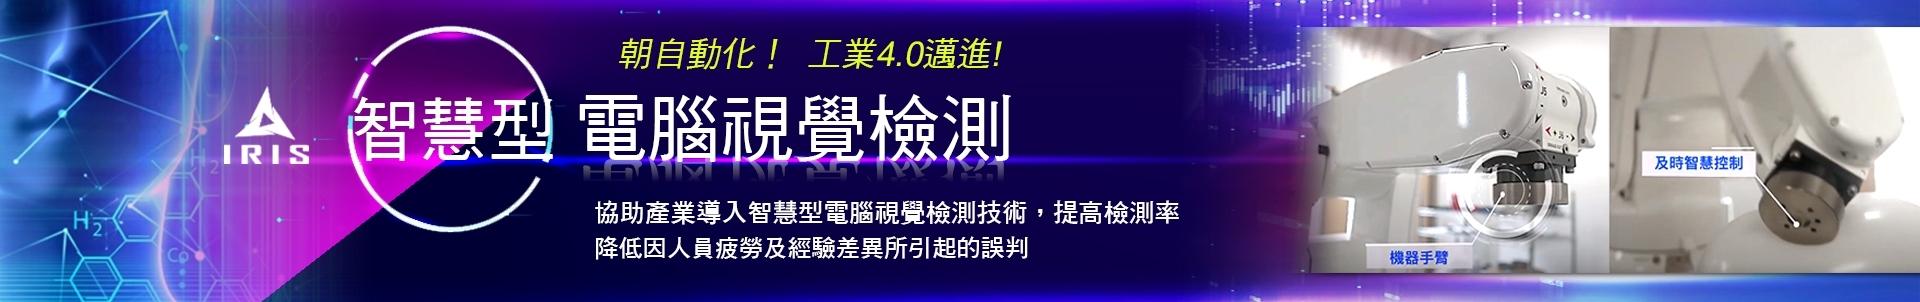 智慧型電腦視覺檢測-banner- FIN